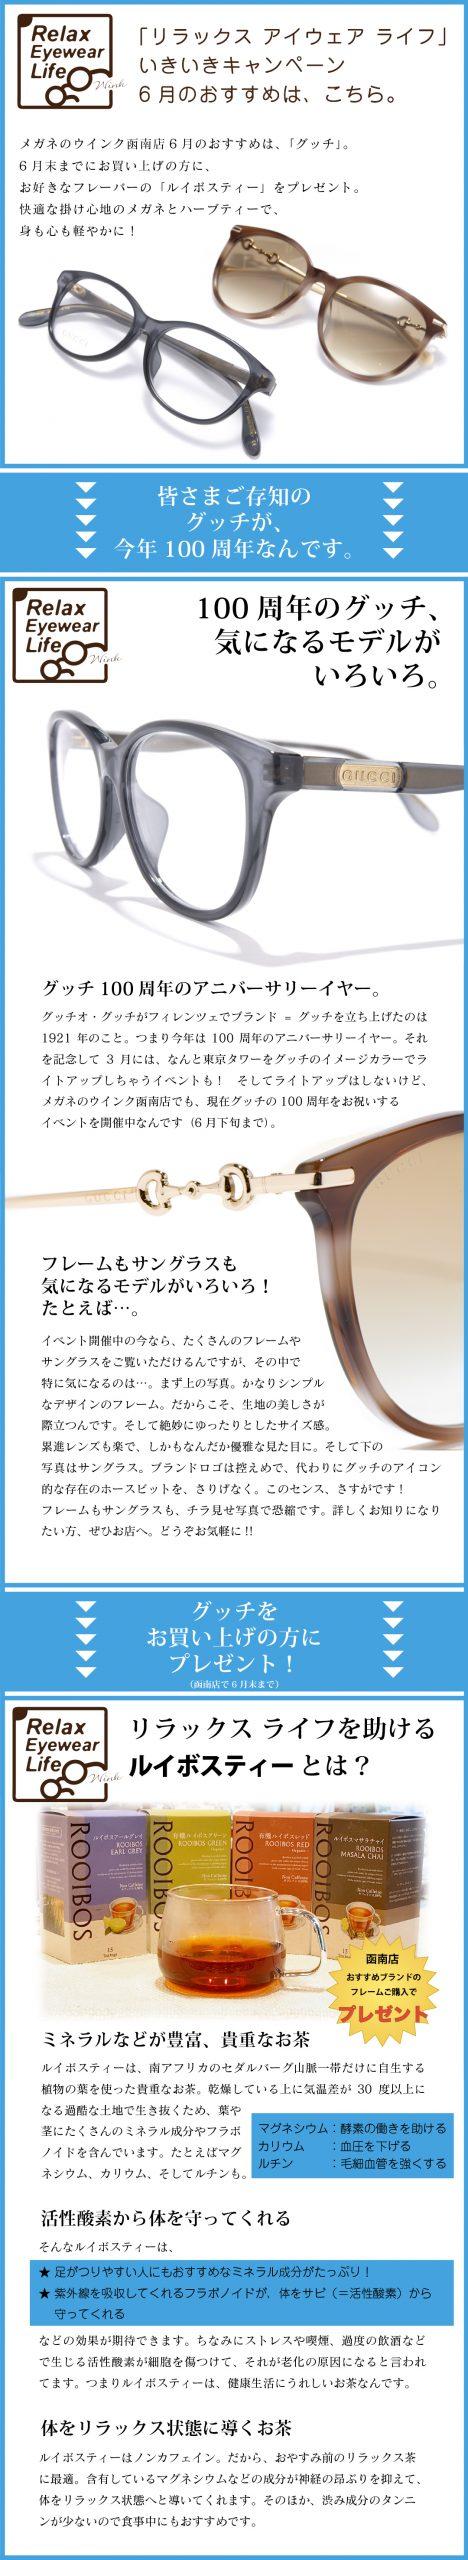 いきいきキャンペーン函南6月